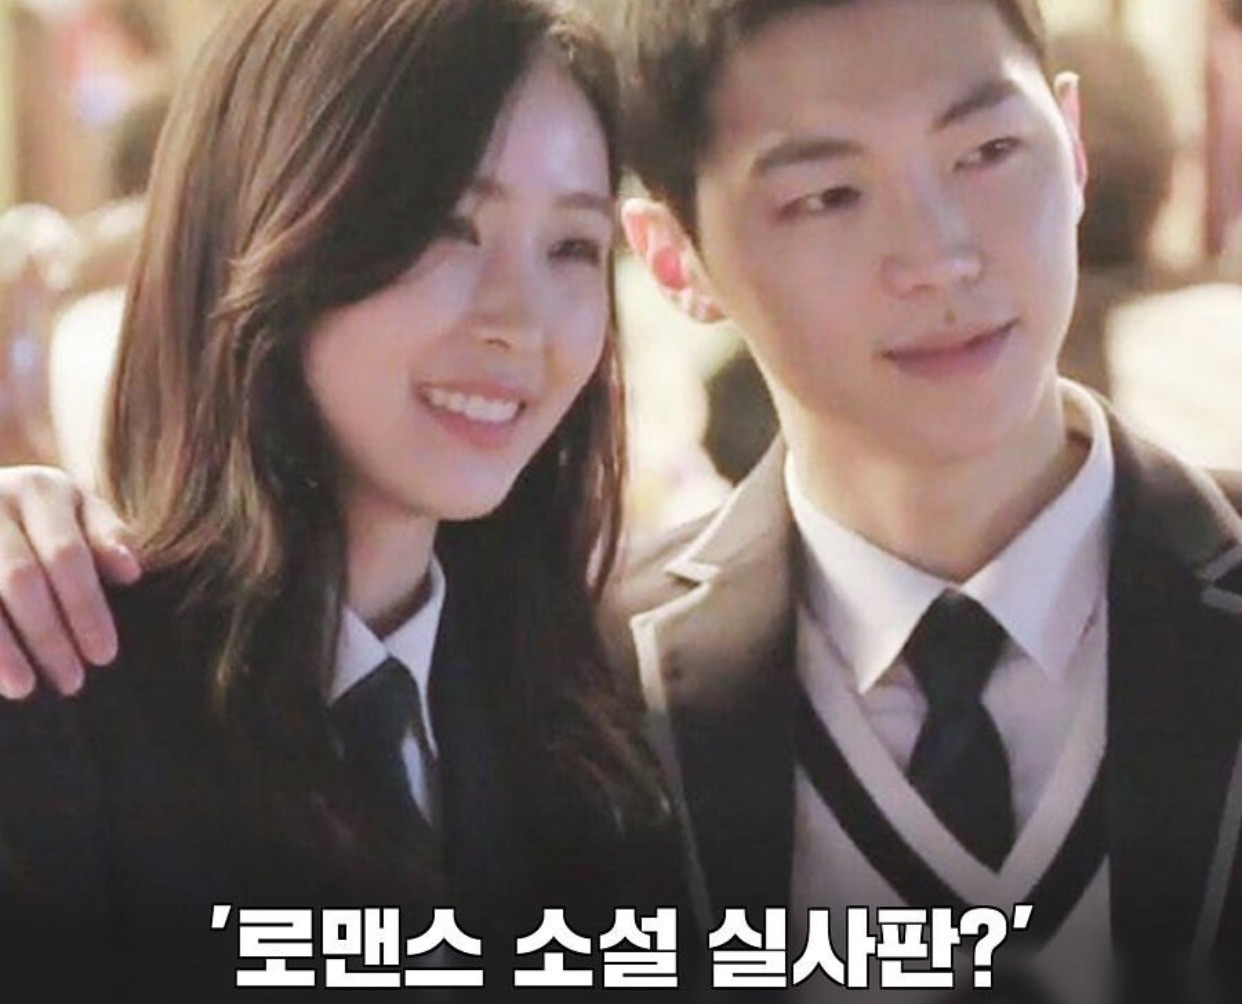 這就是韓國的直男斬嗎?